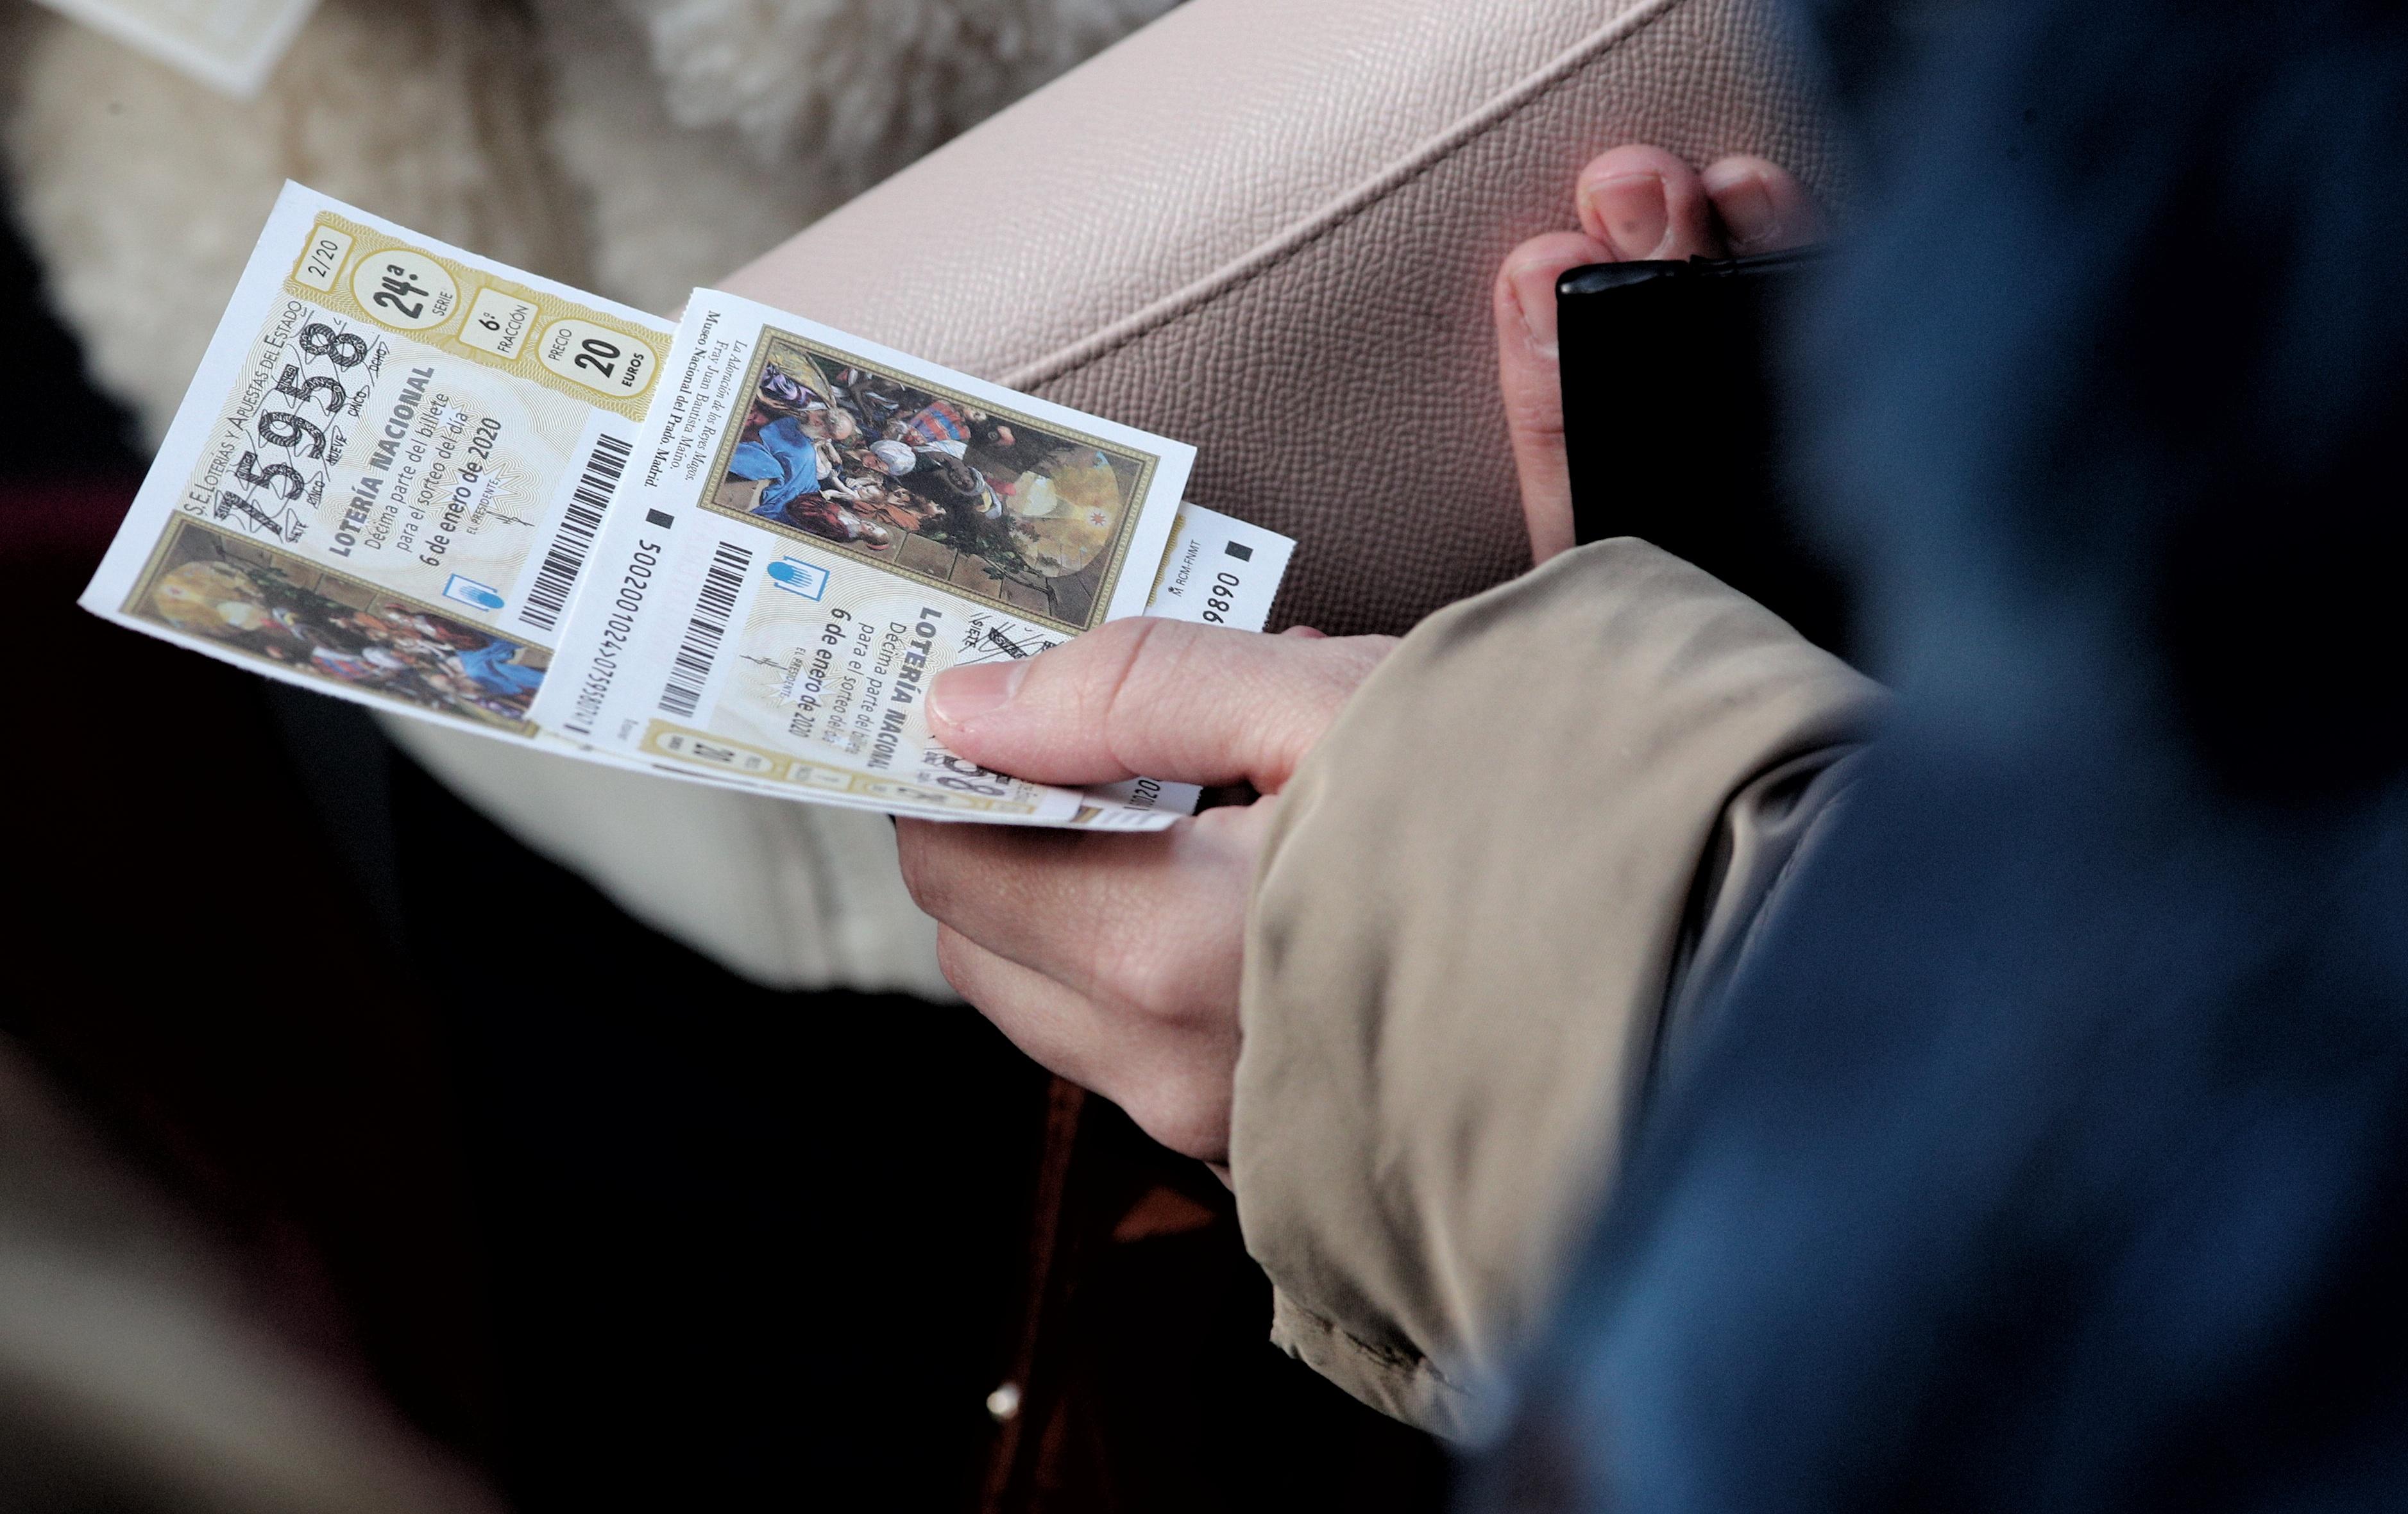 Lotería de Navidad o del Niño: ¿cuál reparte más premios?